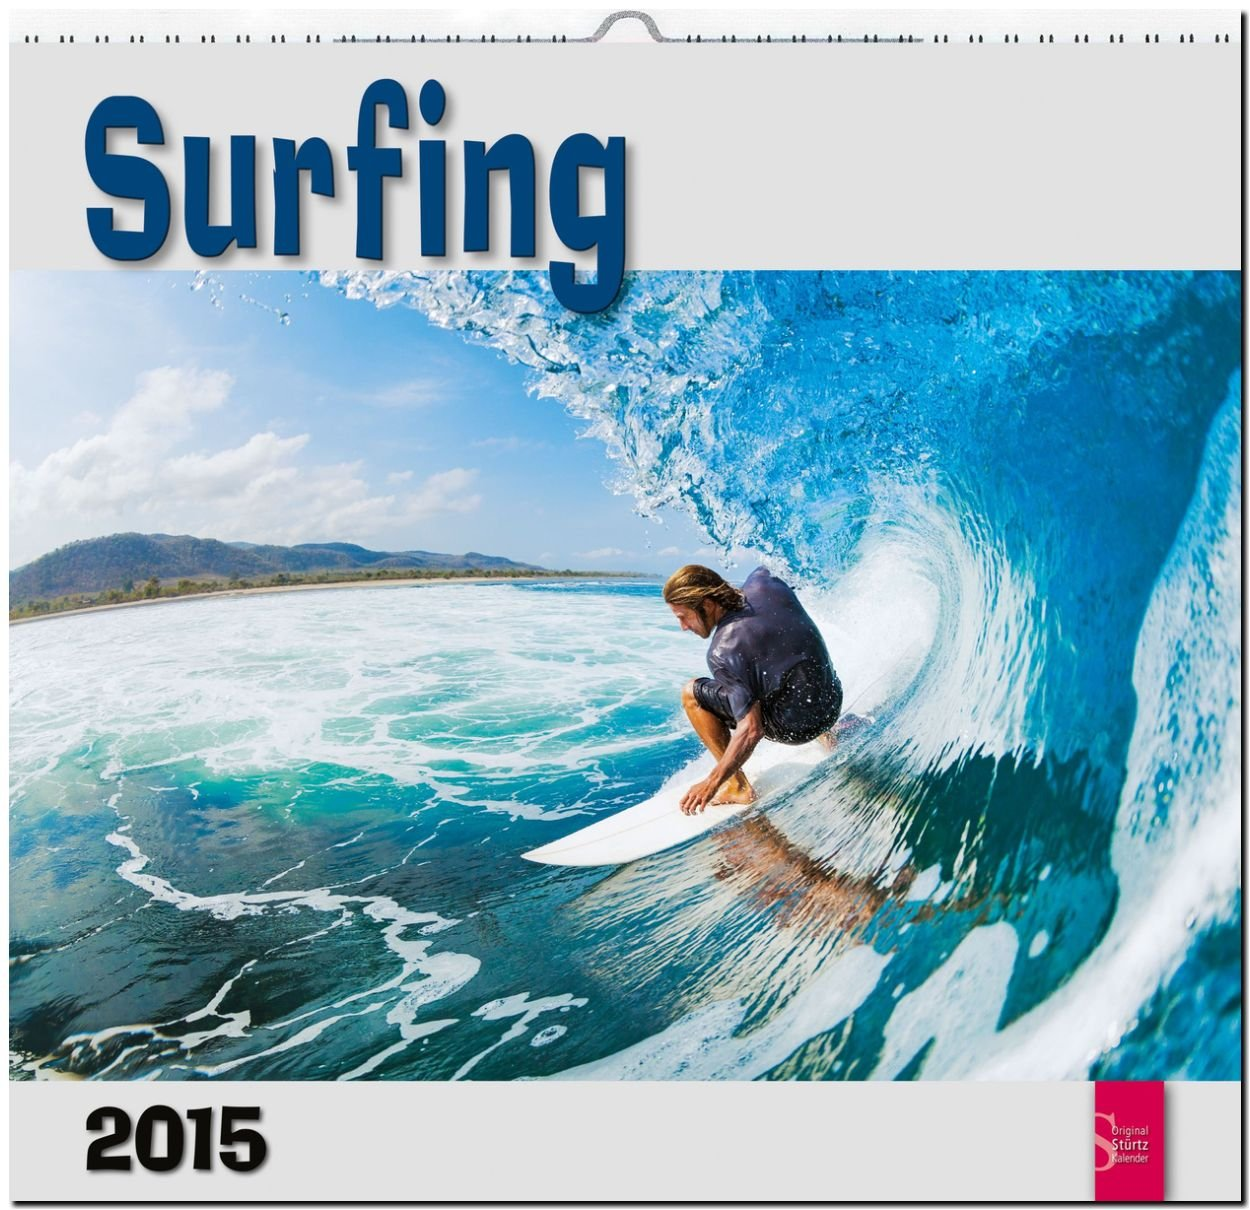 surfing-2015-original-strtz-kalender-mittelformat-kalender-33-x-31-cm